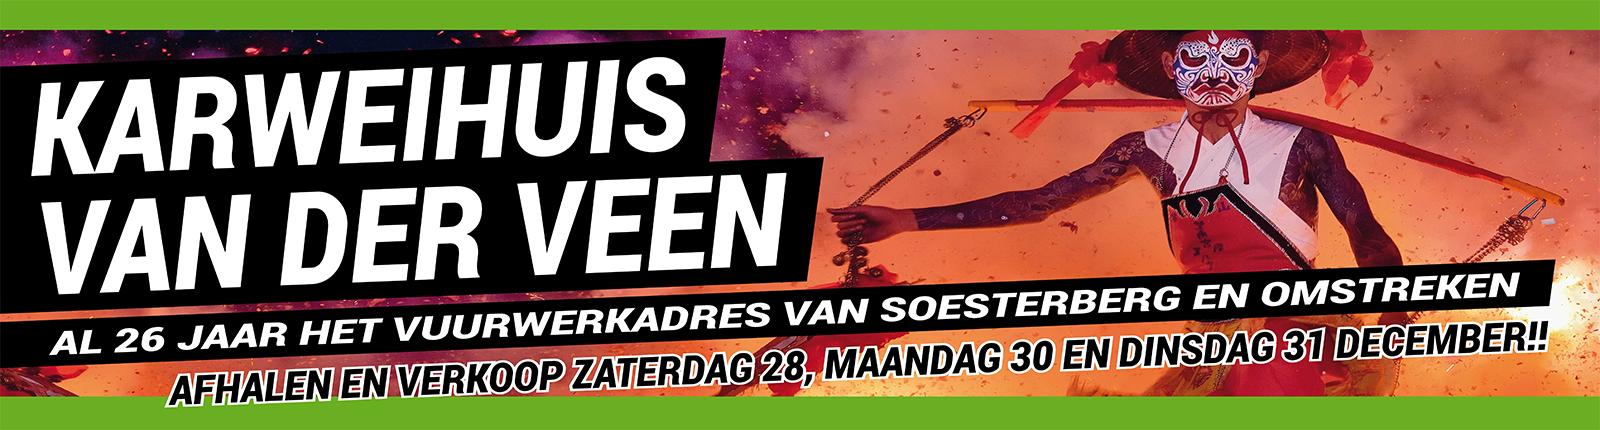 Karweihuis-van-der-Veen